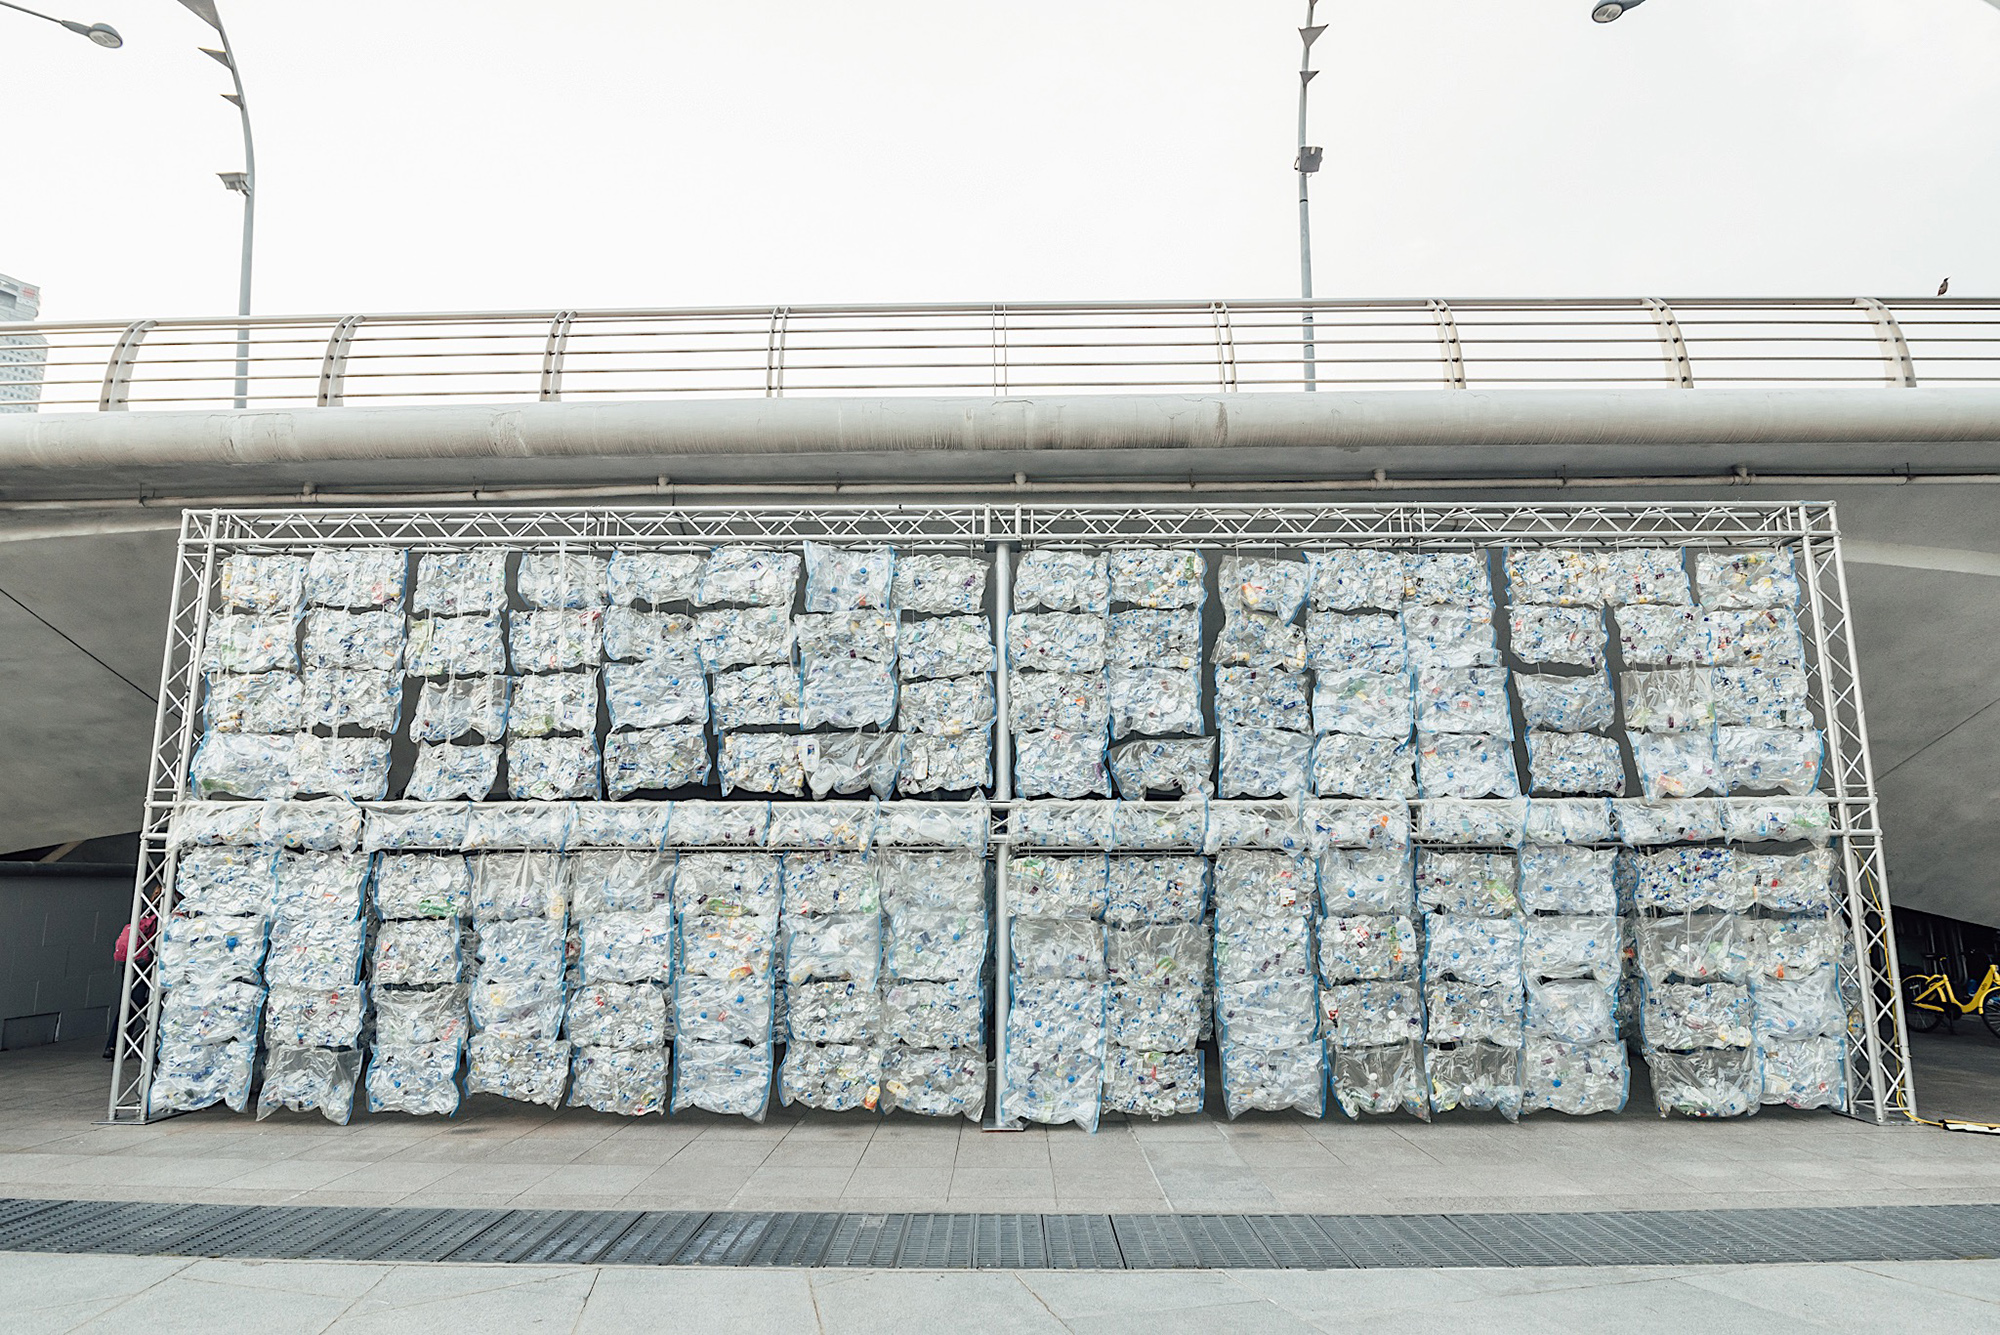 Luzinterruptus plastic Esplanade Bridge Singapore